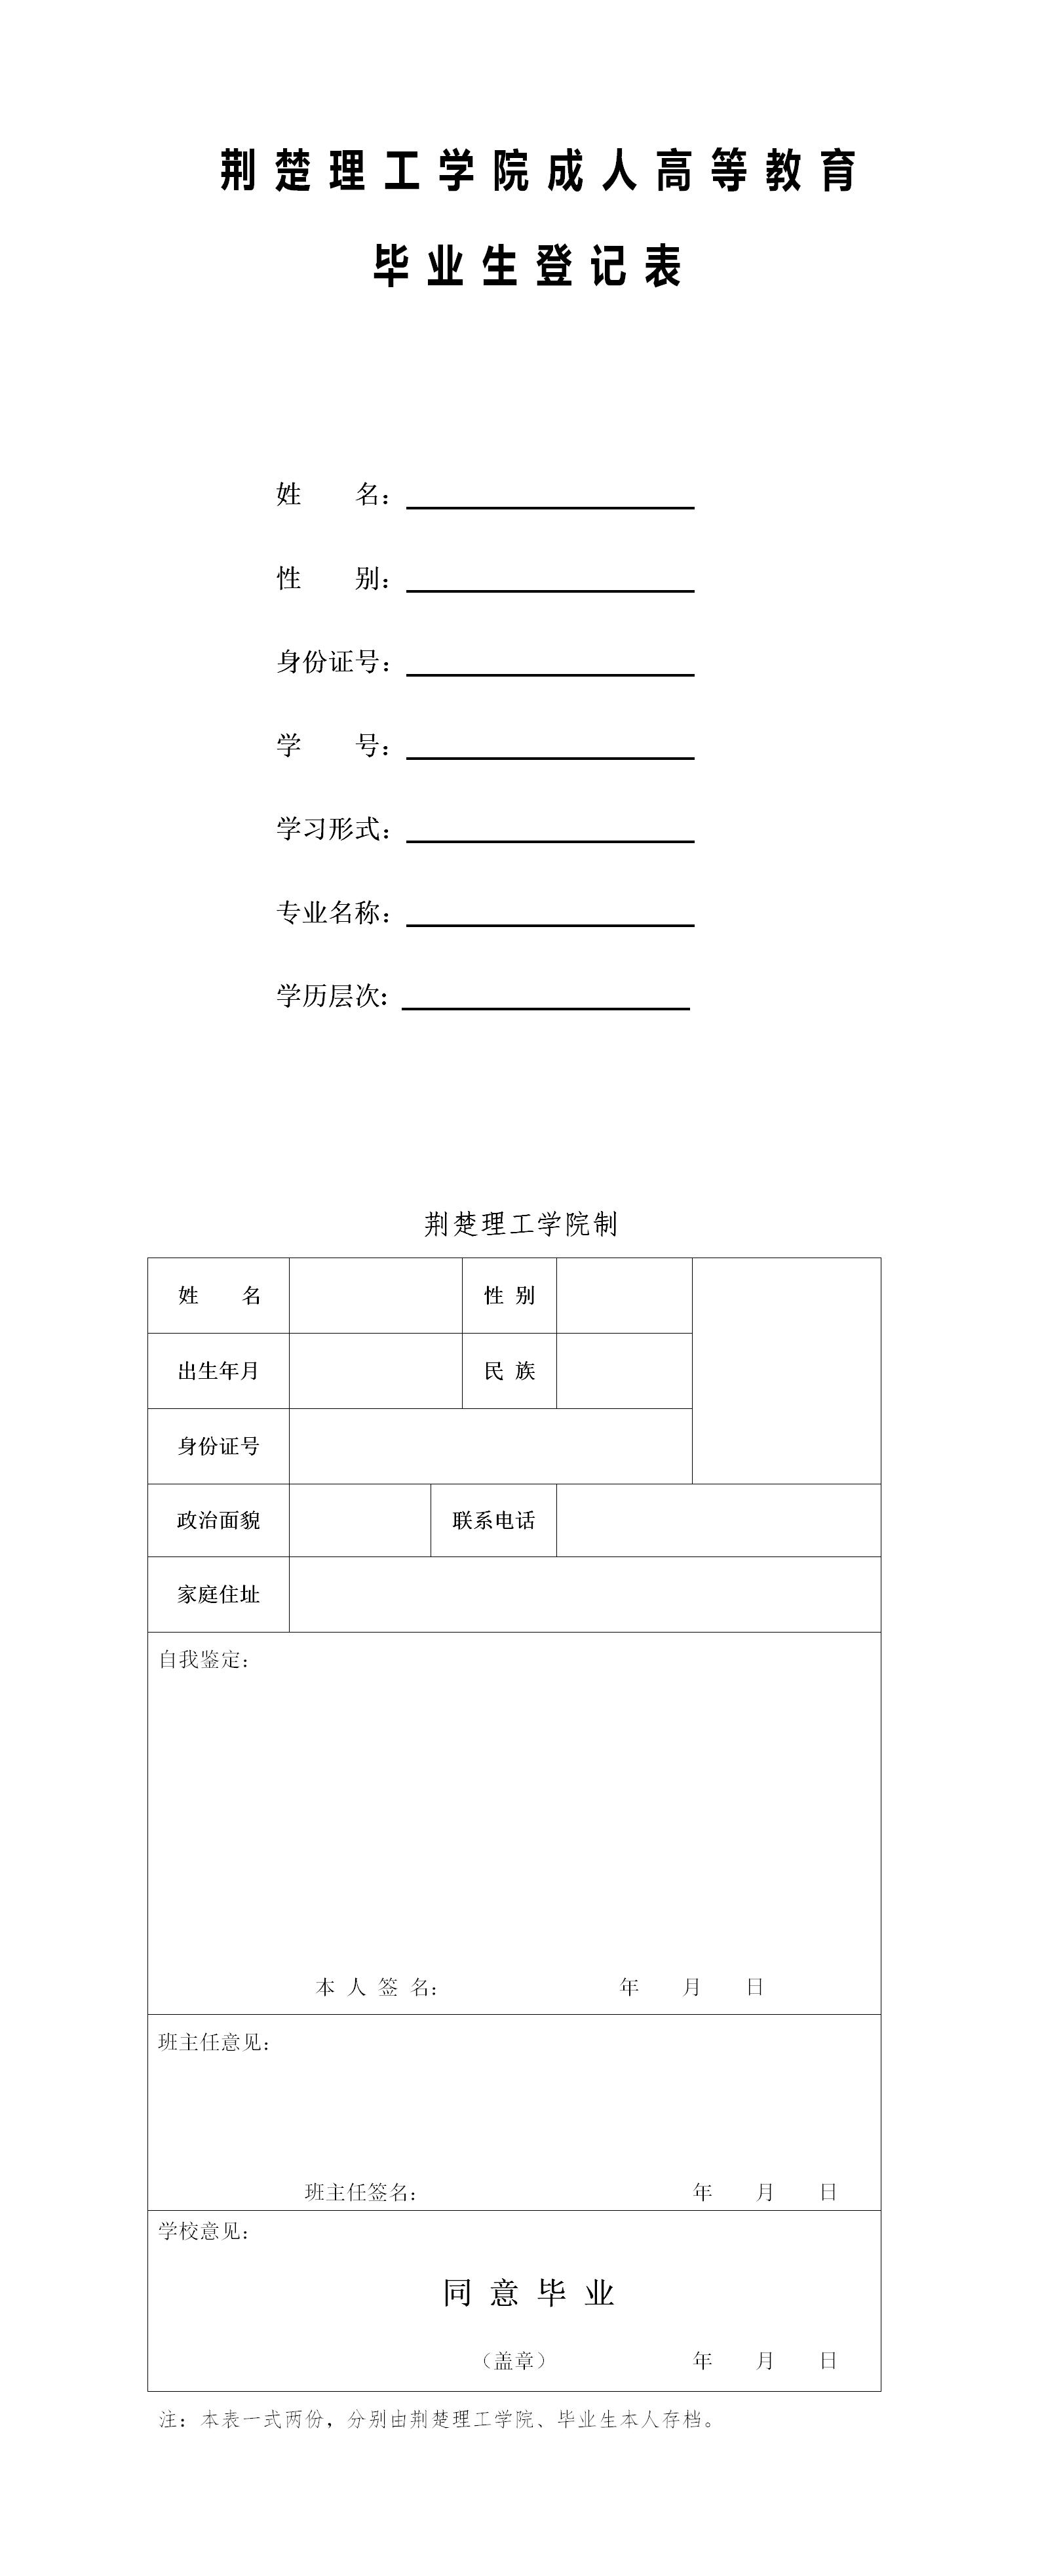 荆楚理工学院成人高等教育毕业生登记表